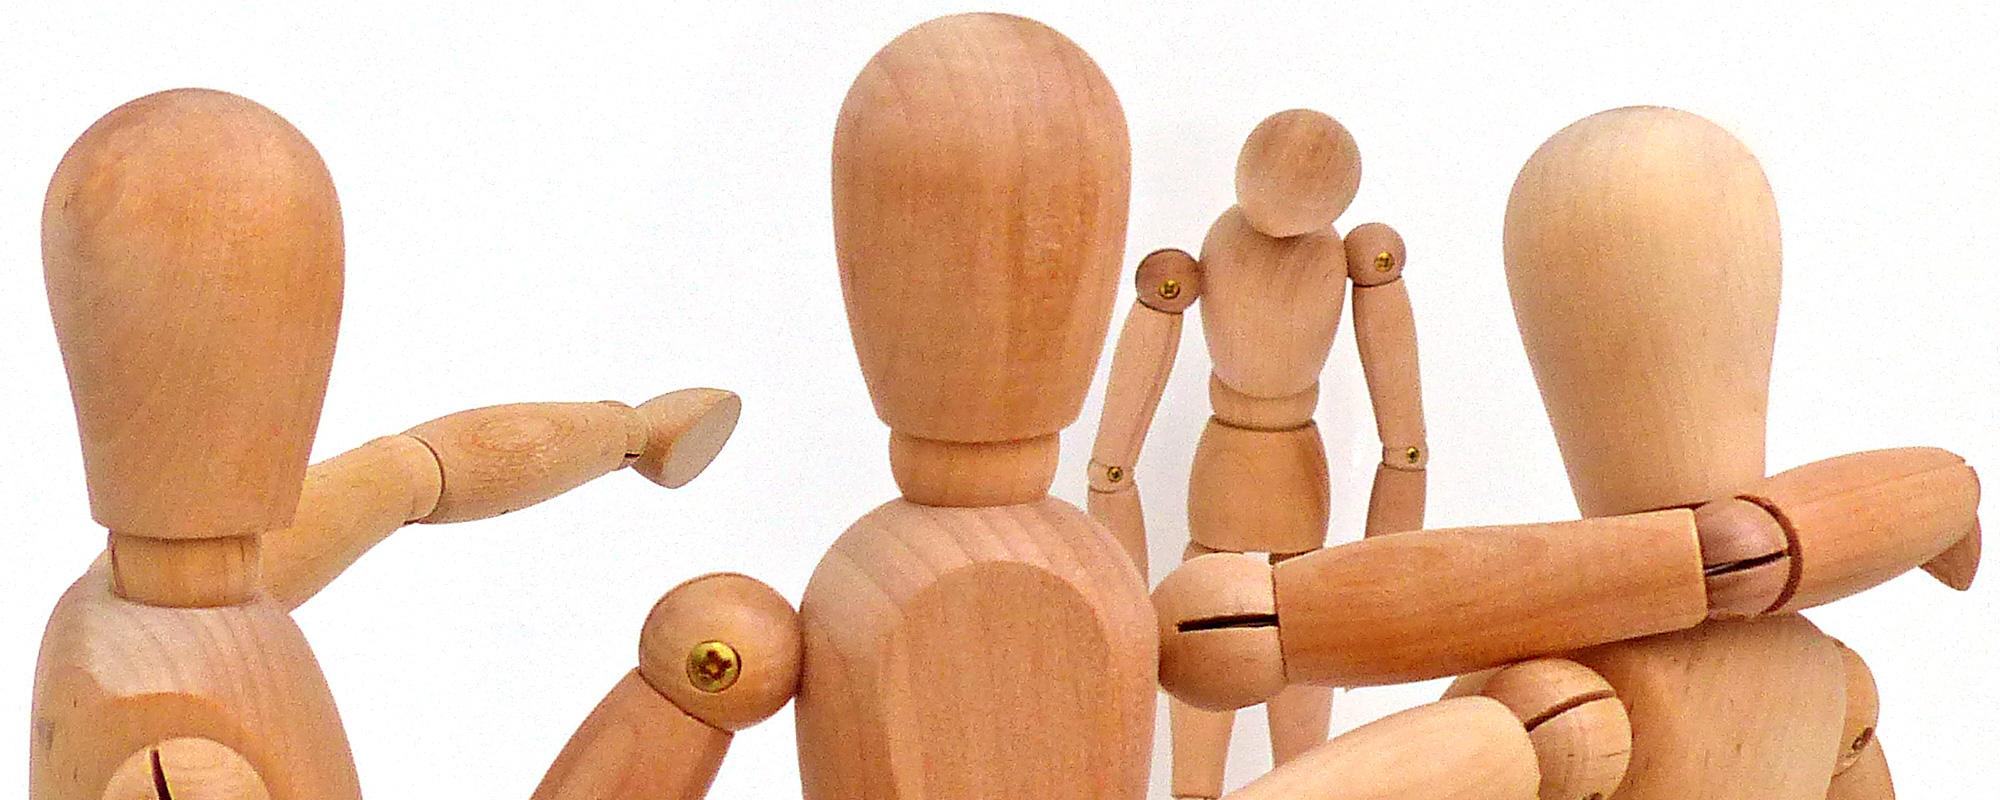 Mobbing | Ursachen | Folgen | Therapie im Zentrum für ganzheitliche Traumatherapie